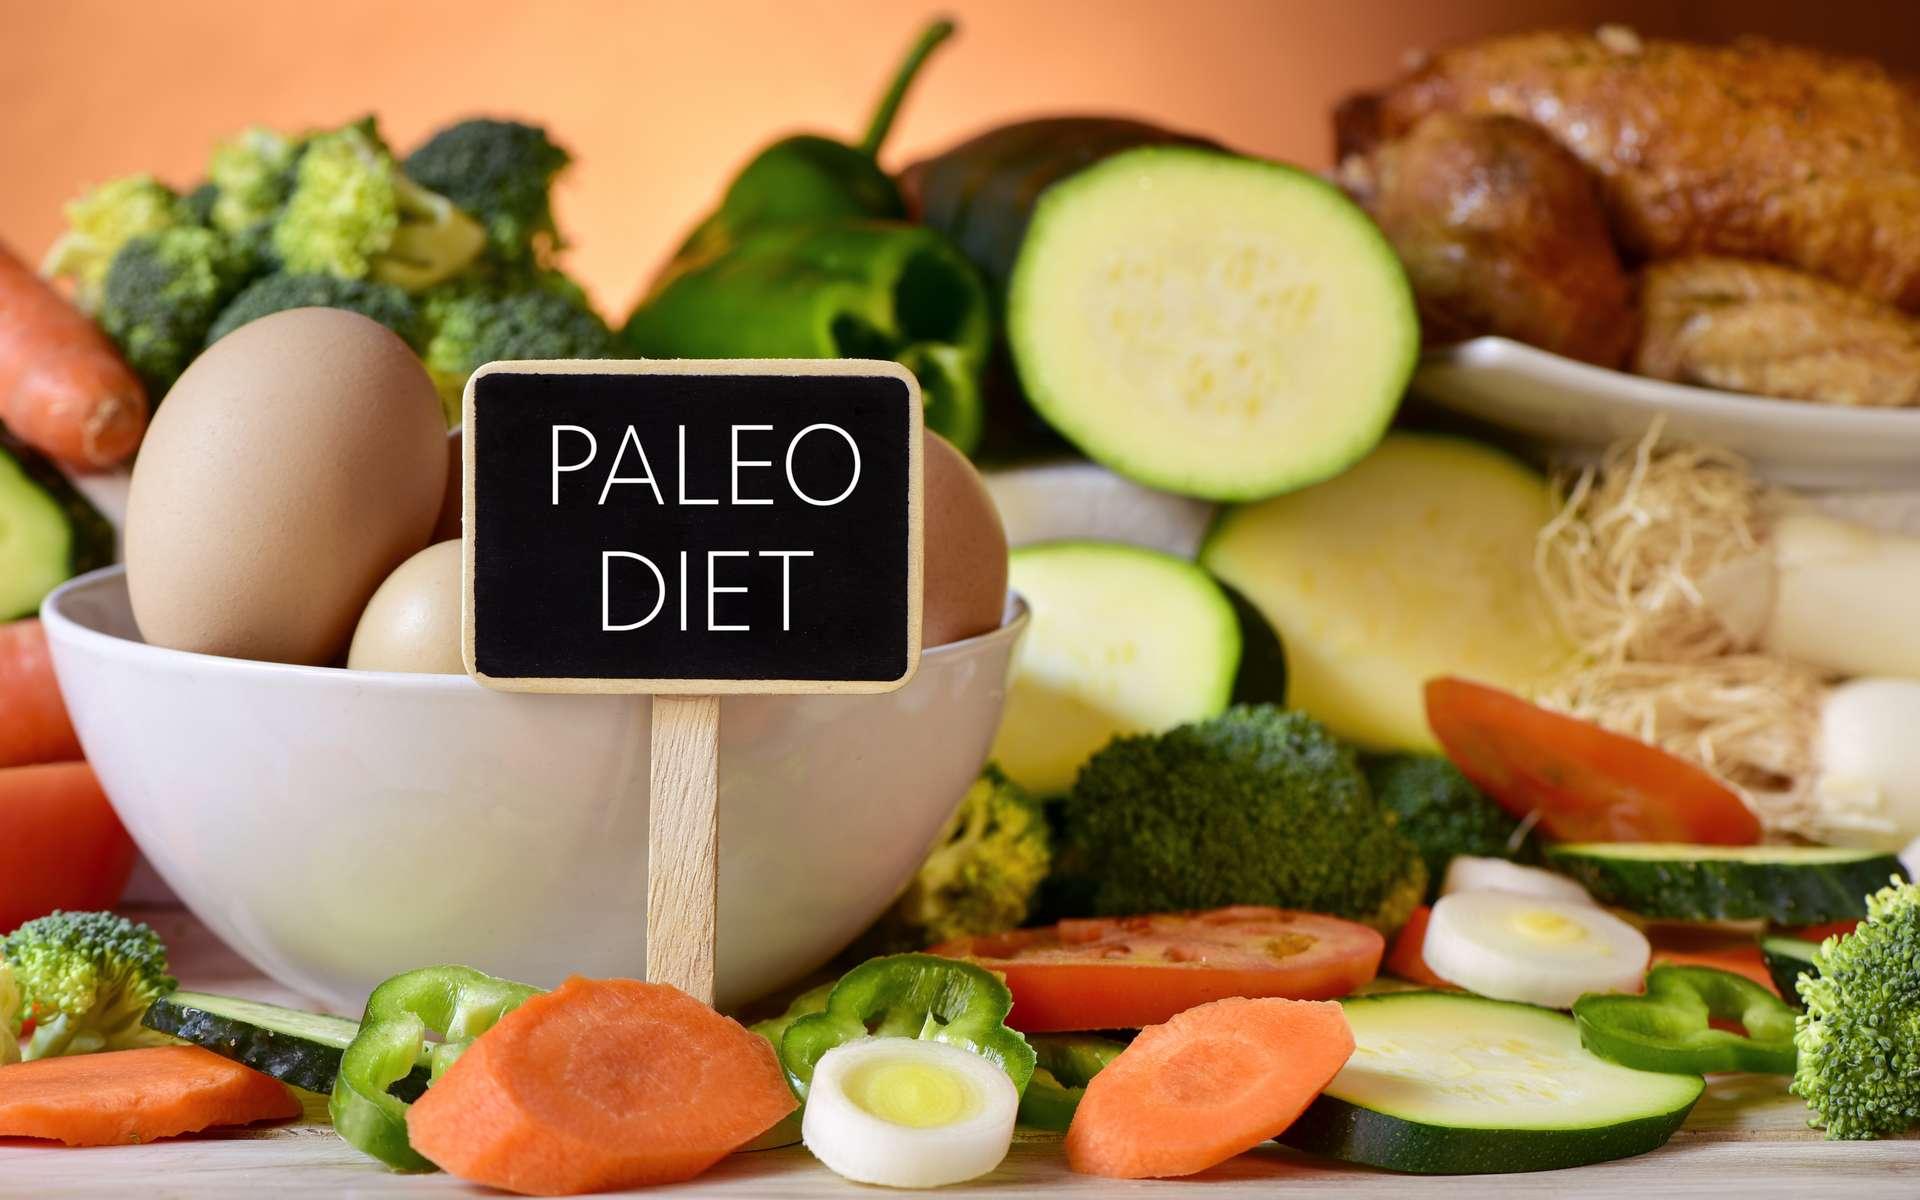 Le régime paléolithique du XXIe siècle est composé d'animaux, de fruits et légumes, ainsi que d'oléagineux. © Nito, Adobe Stock